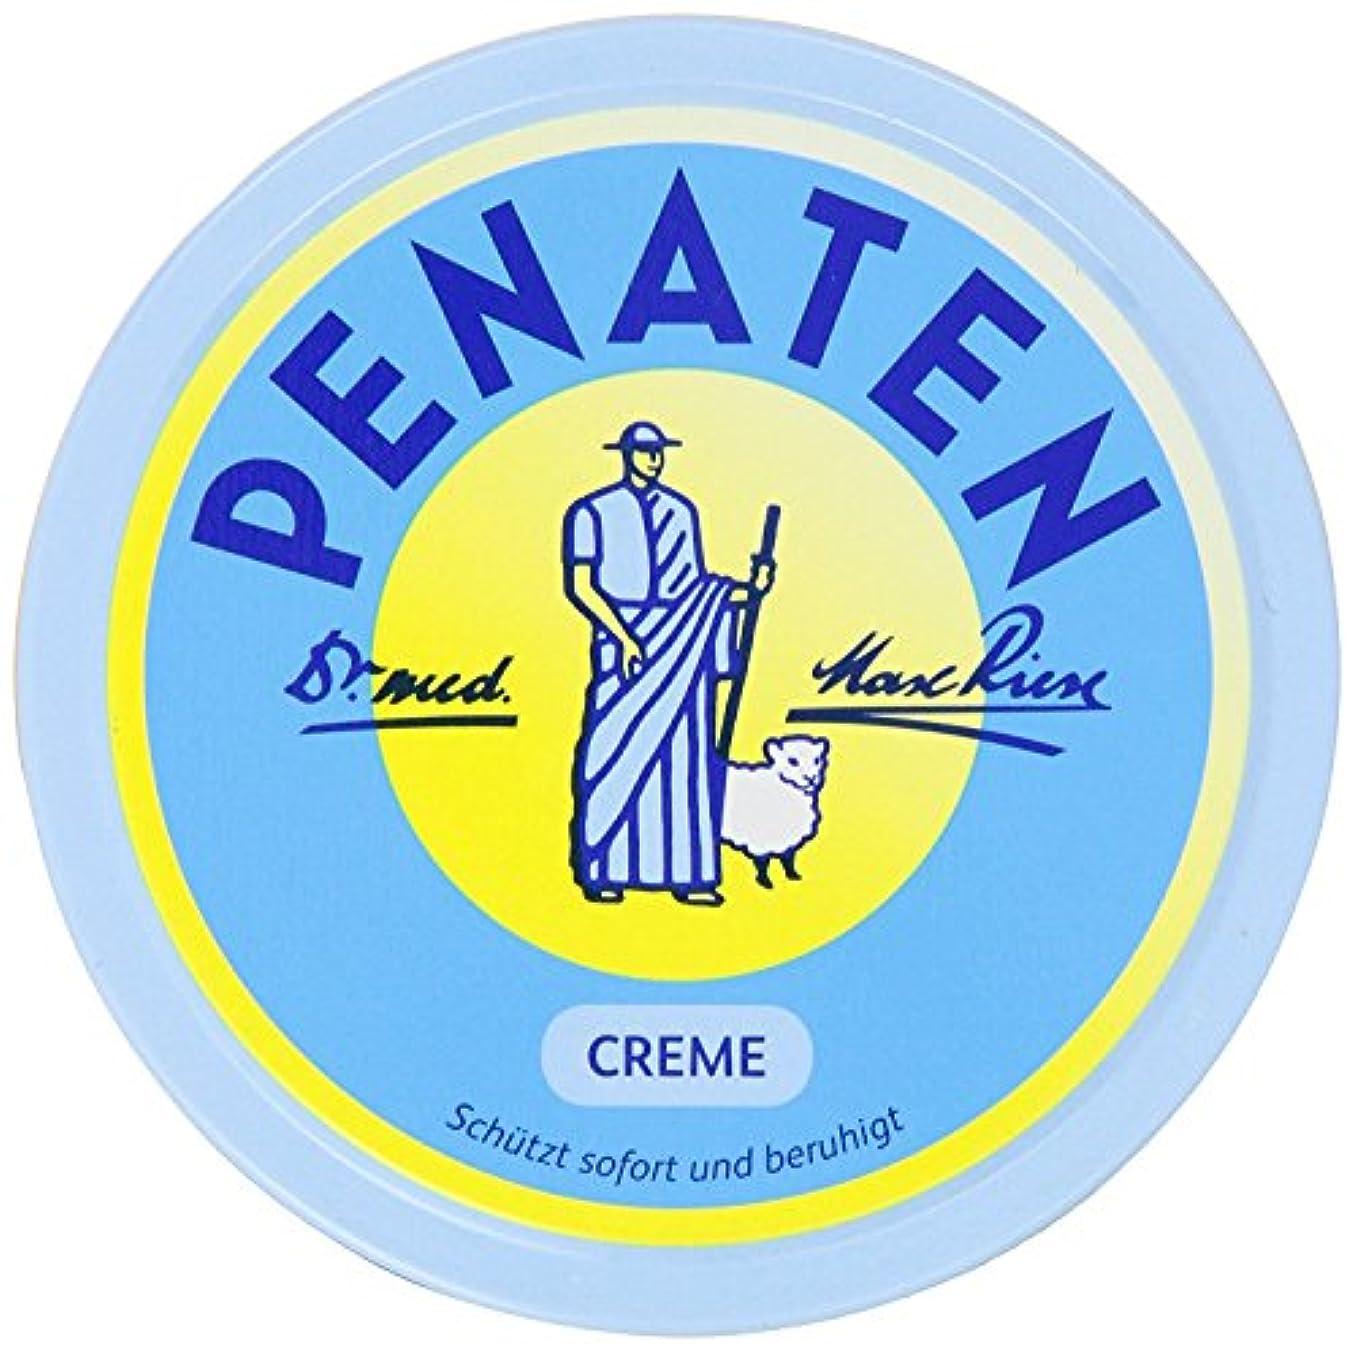 縁石通行人建物(ペナテン) Penaten Baby Creme 150 ml, 2er Pack (2 x 150 ml) (並行輸入品) shumaman